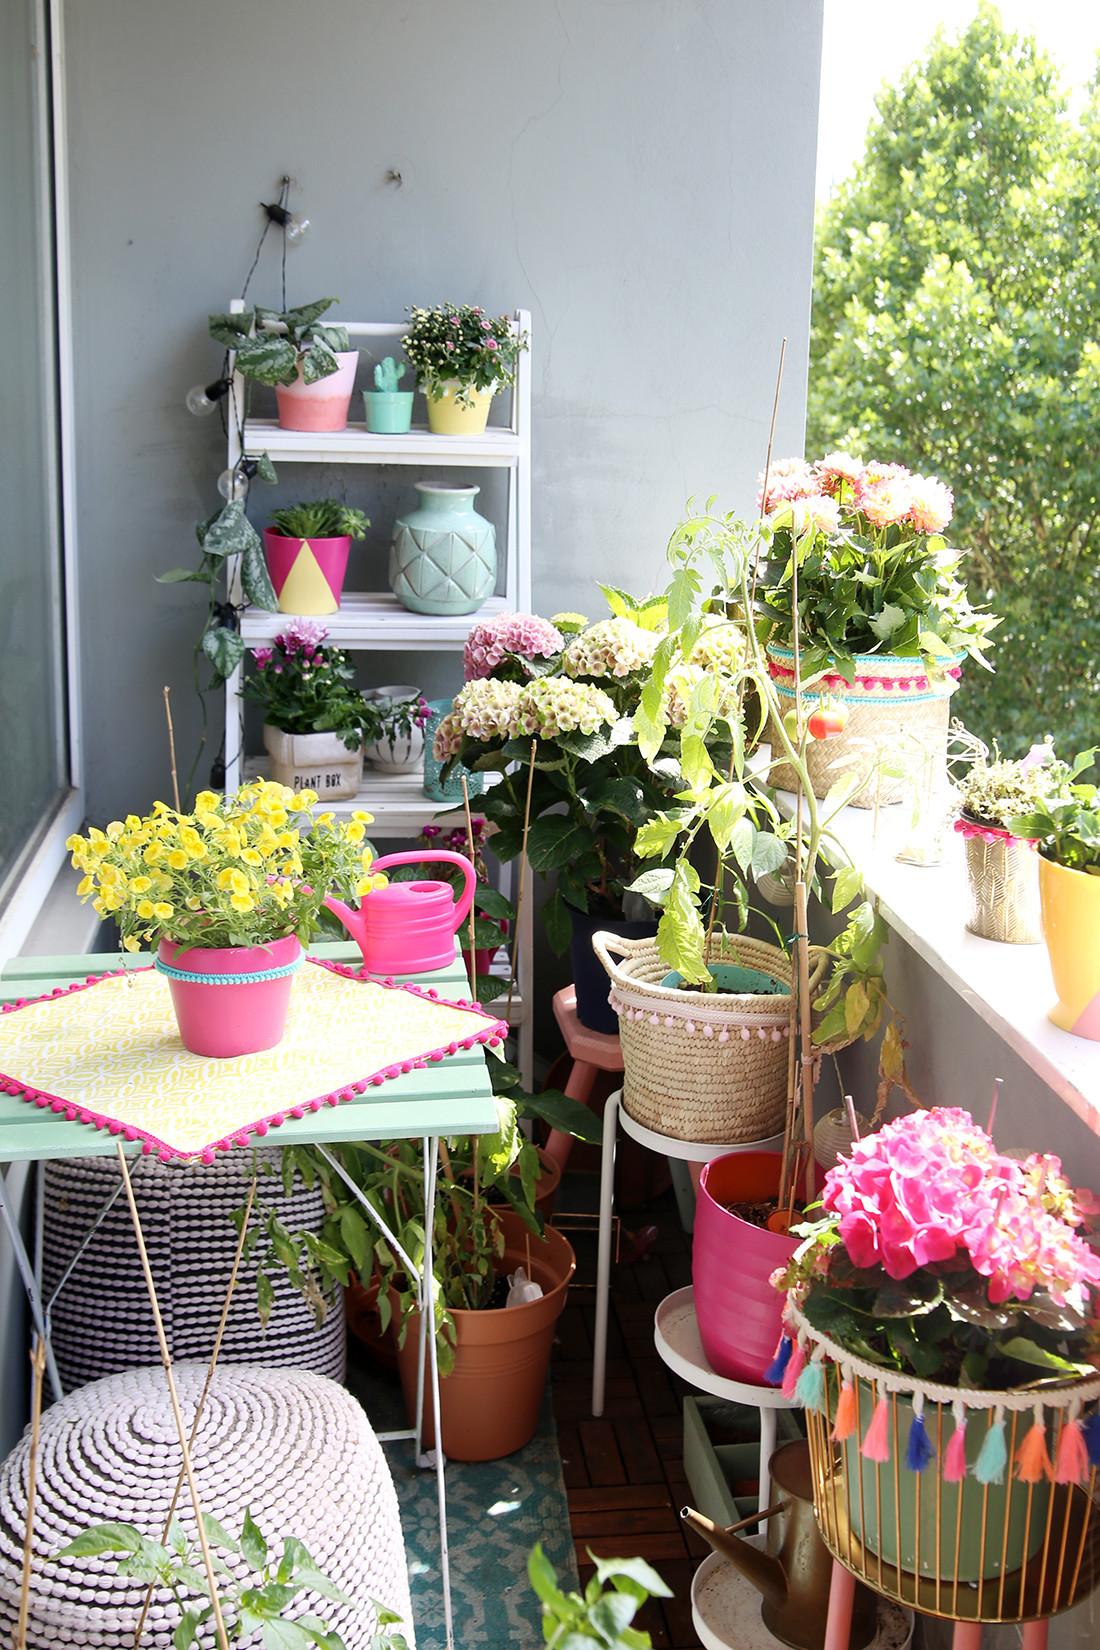 Balkon Deko Diy  3 DIY Ideen für deinen Boho Balkon & Pflanzen Pfle ipps